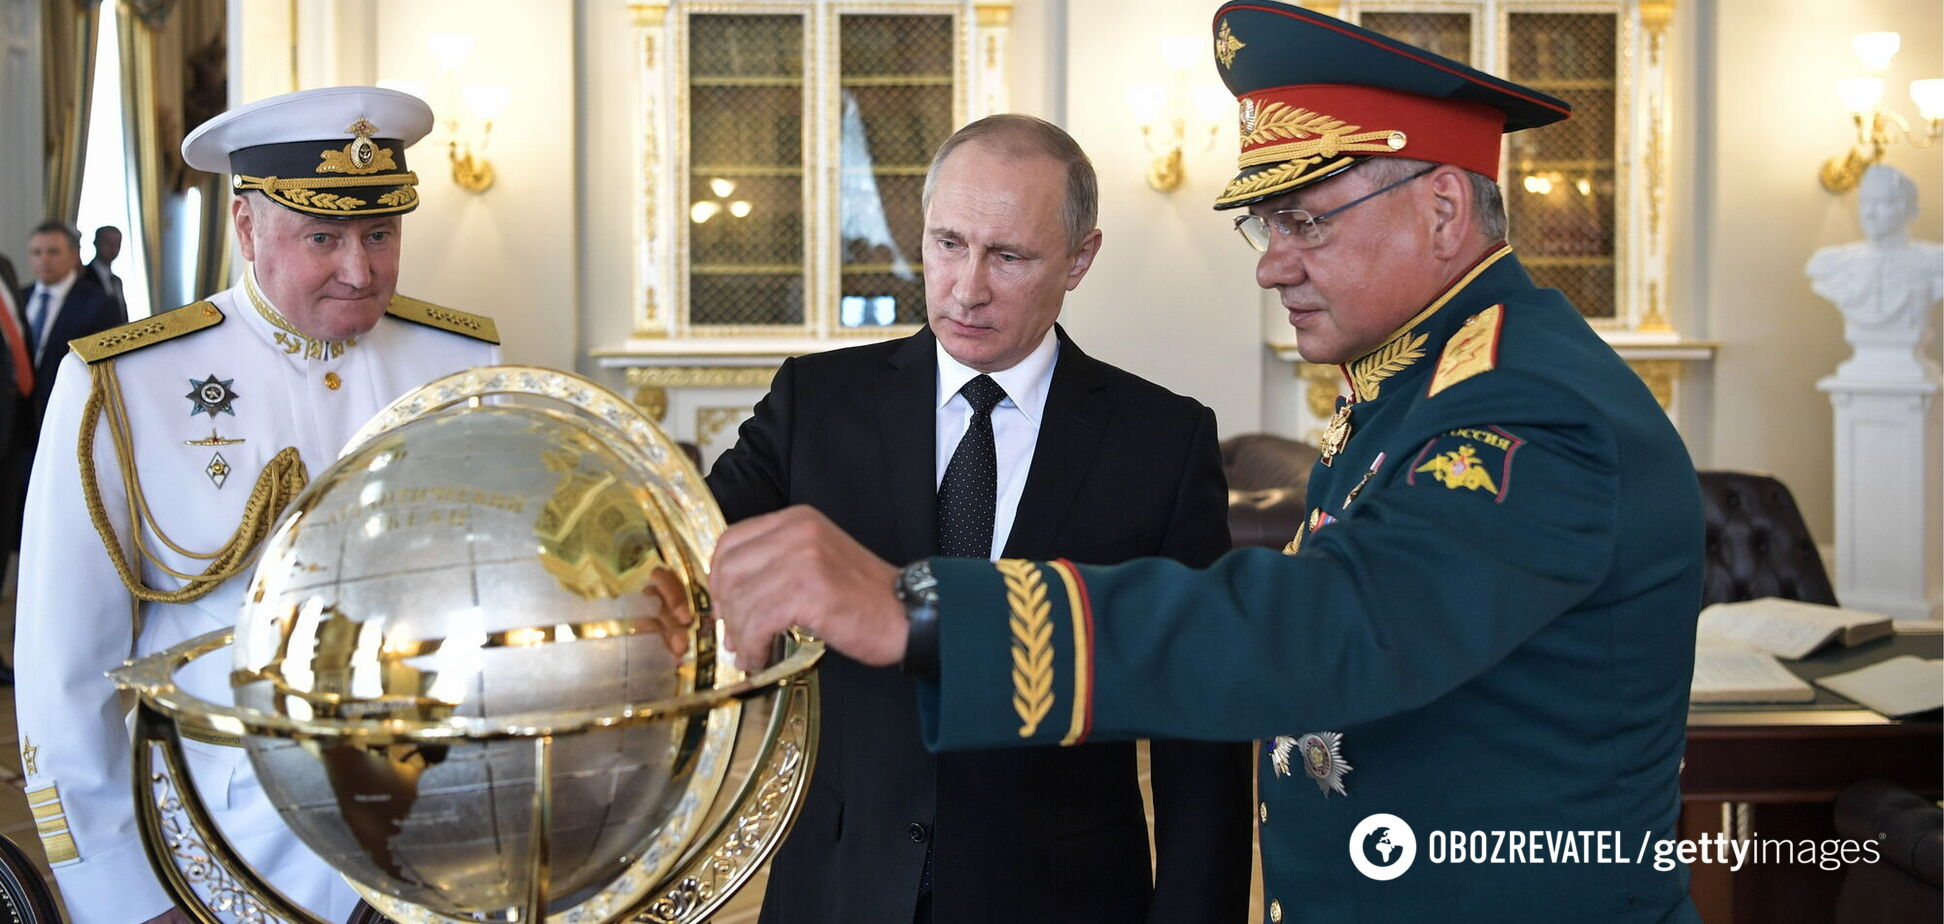 Наступальне дієслово Путіна: чому він не припинить воювати